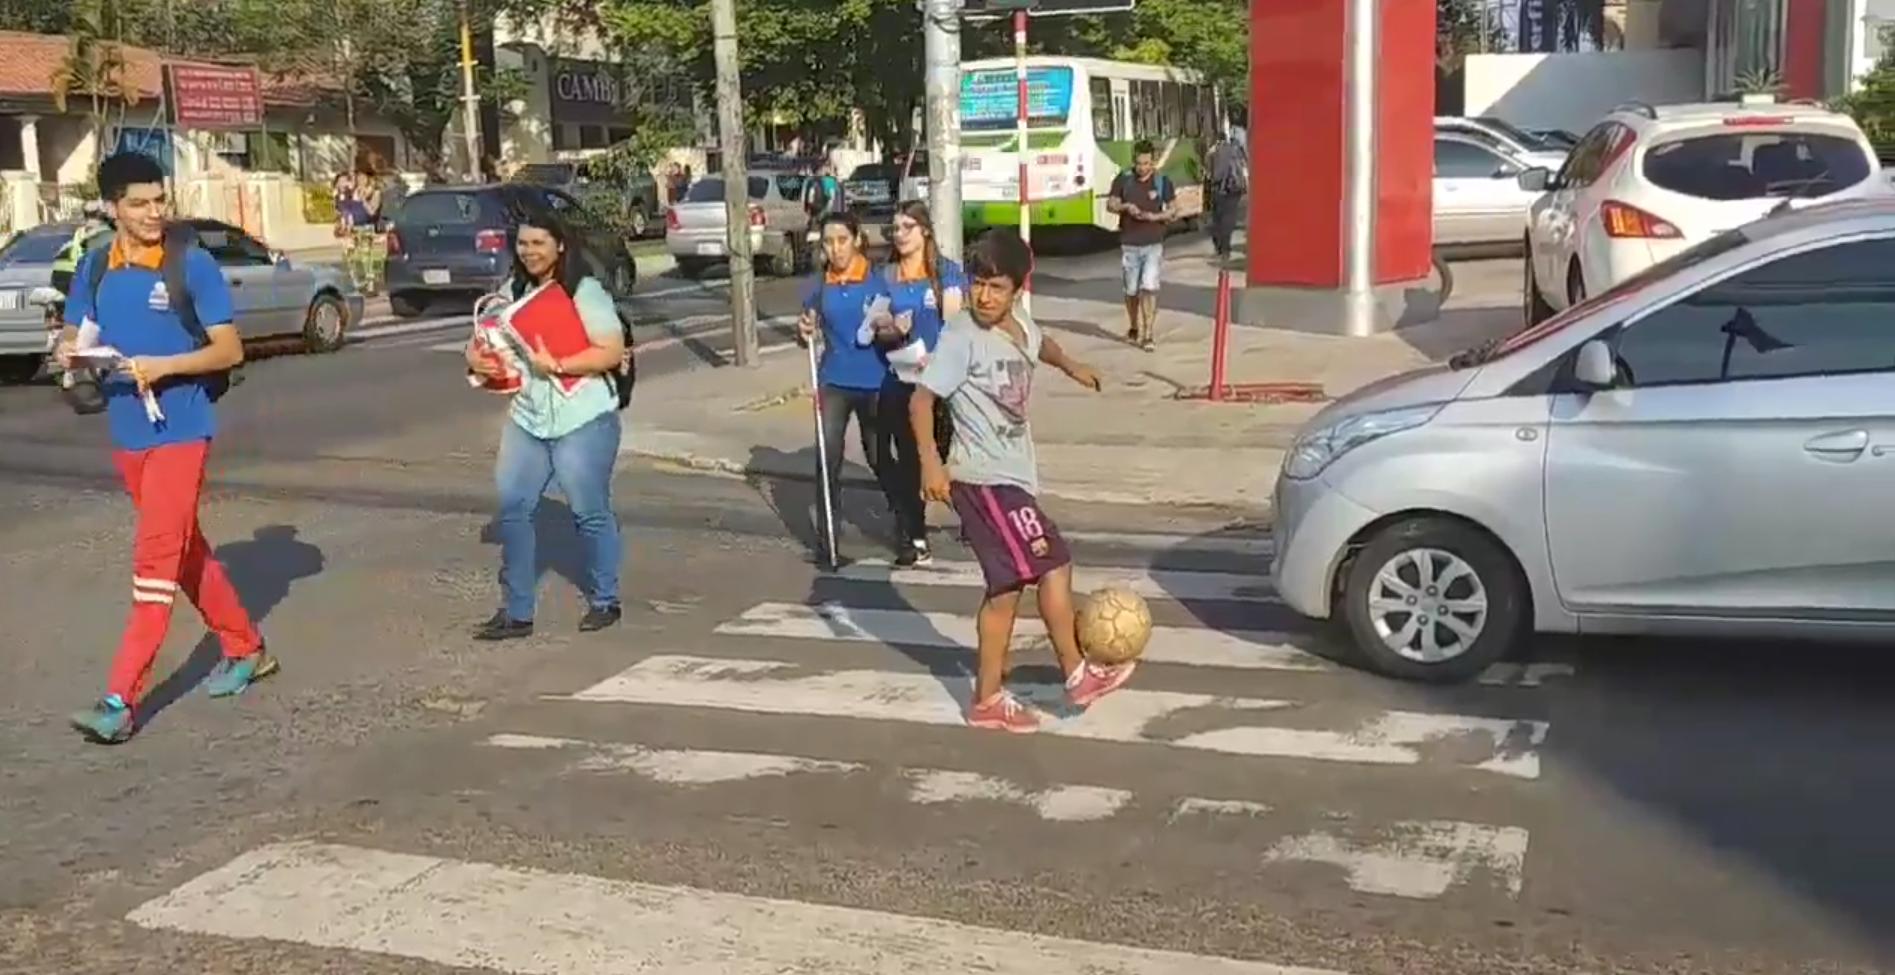 Niño, hacia trucos, en la calle, consiguió equipo, paraguay, representante, consigue, beca, equipo de futbol